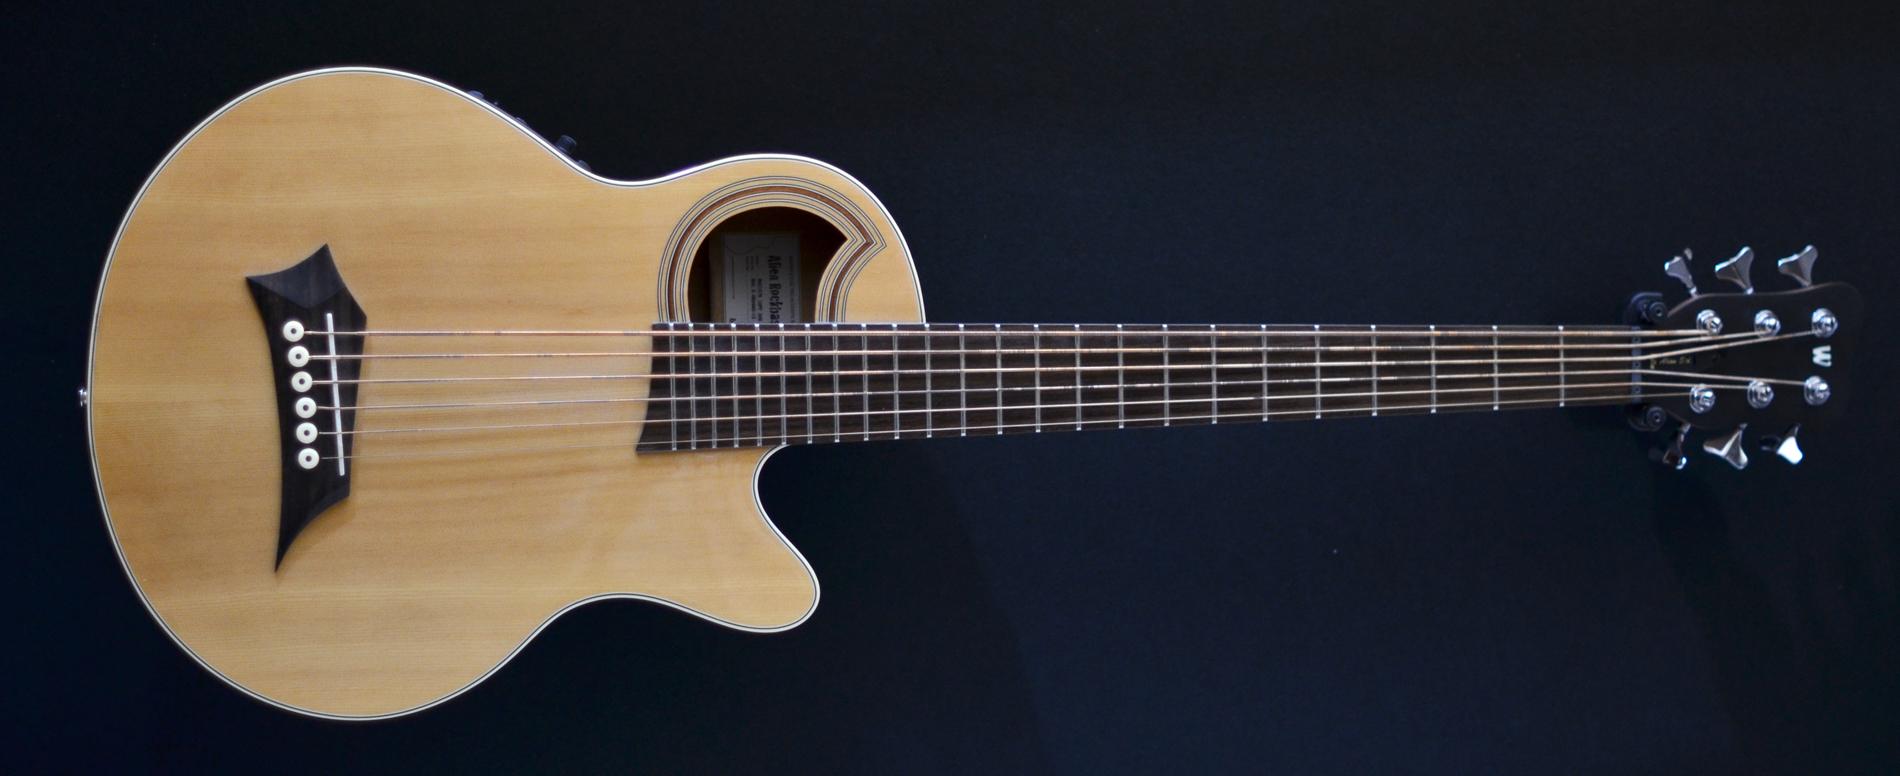 Warwick Rockbass Alien Standard Acoustic